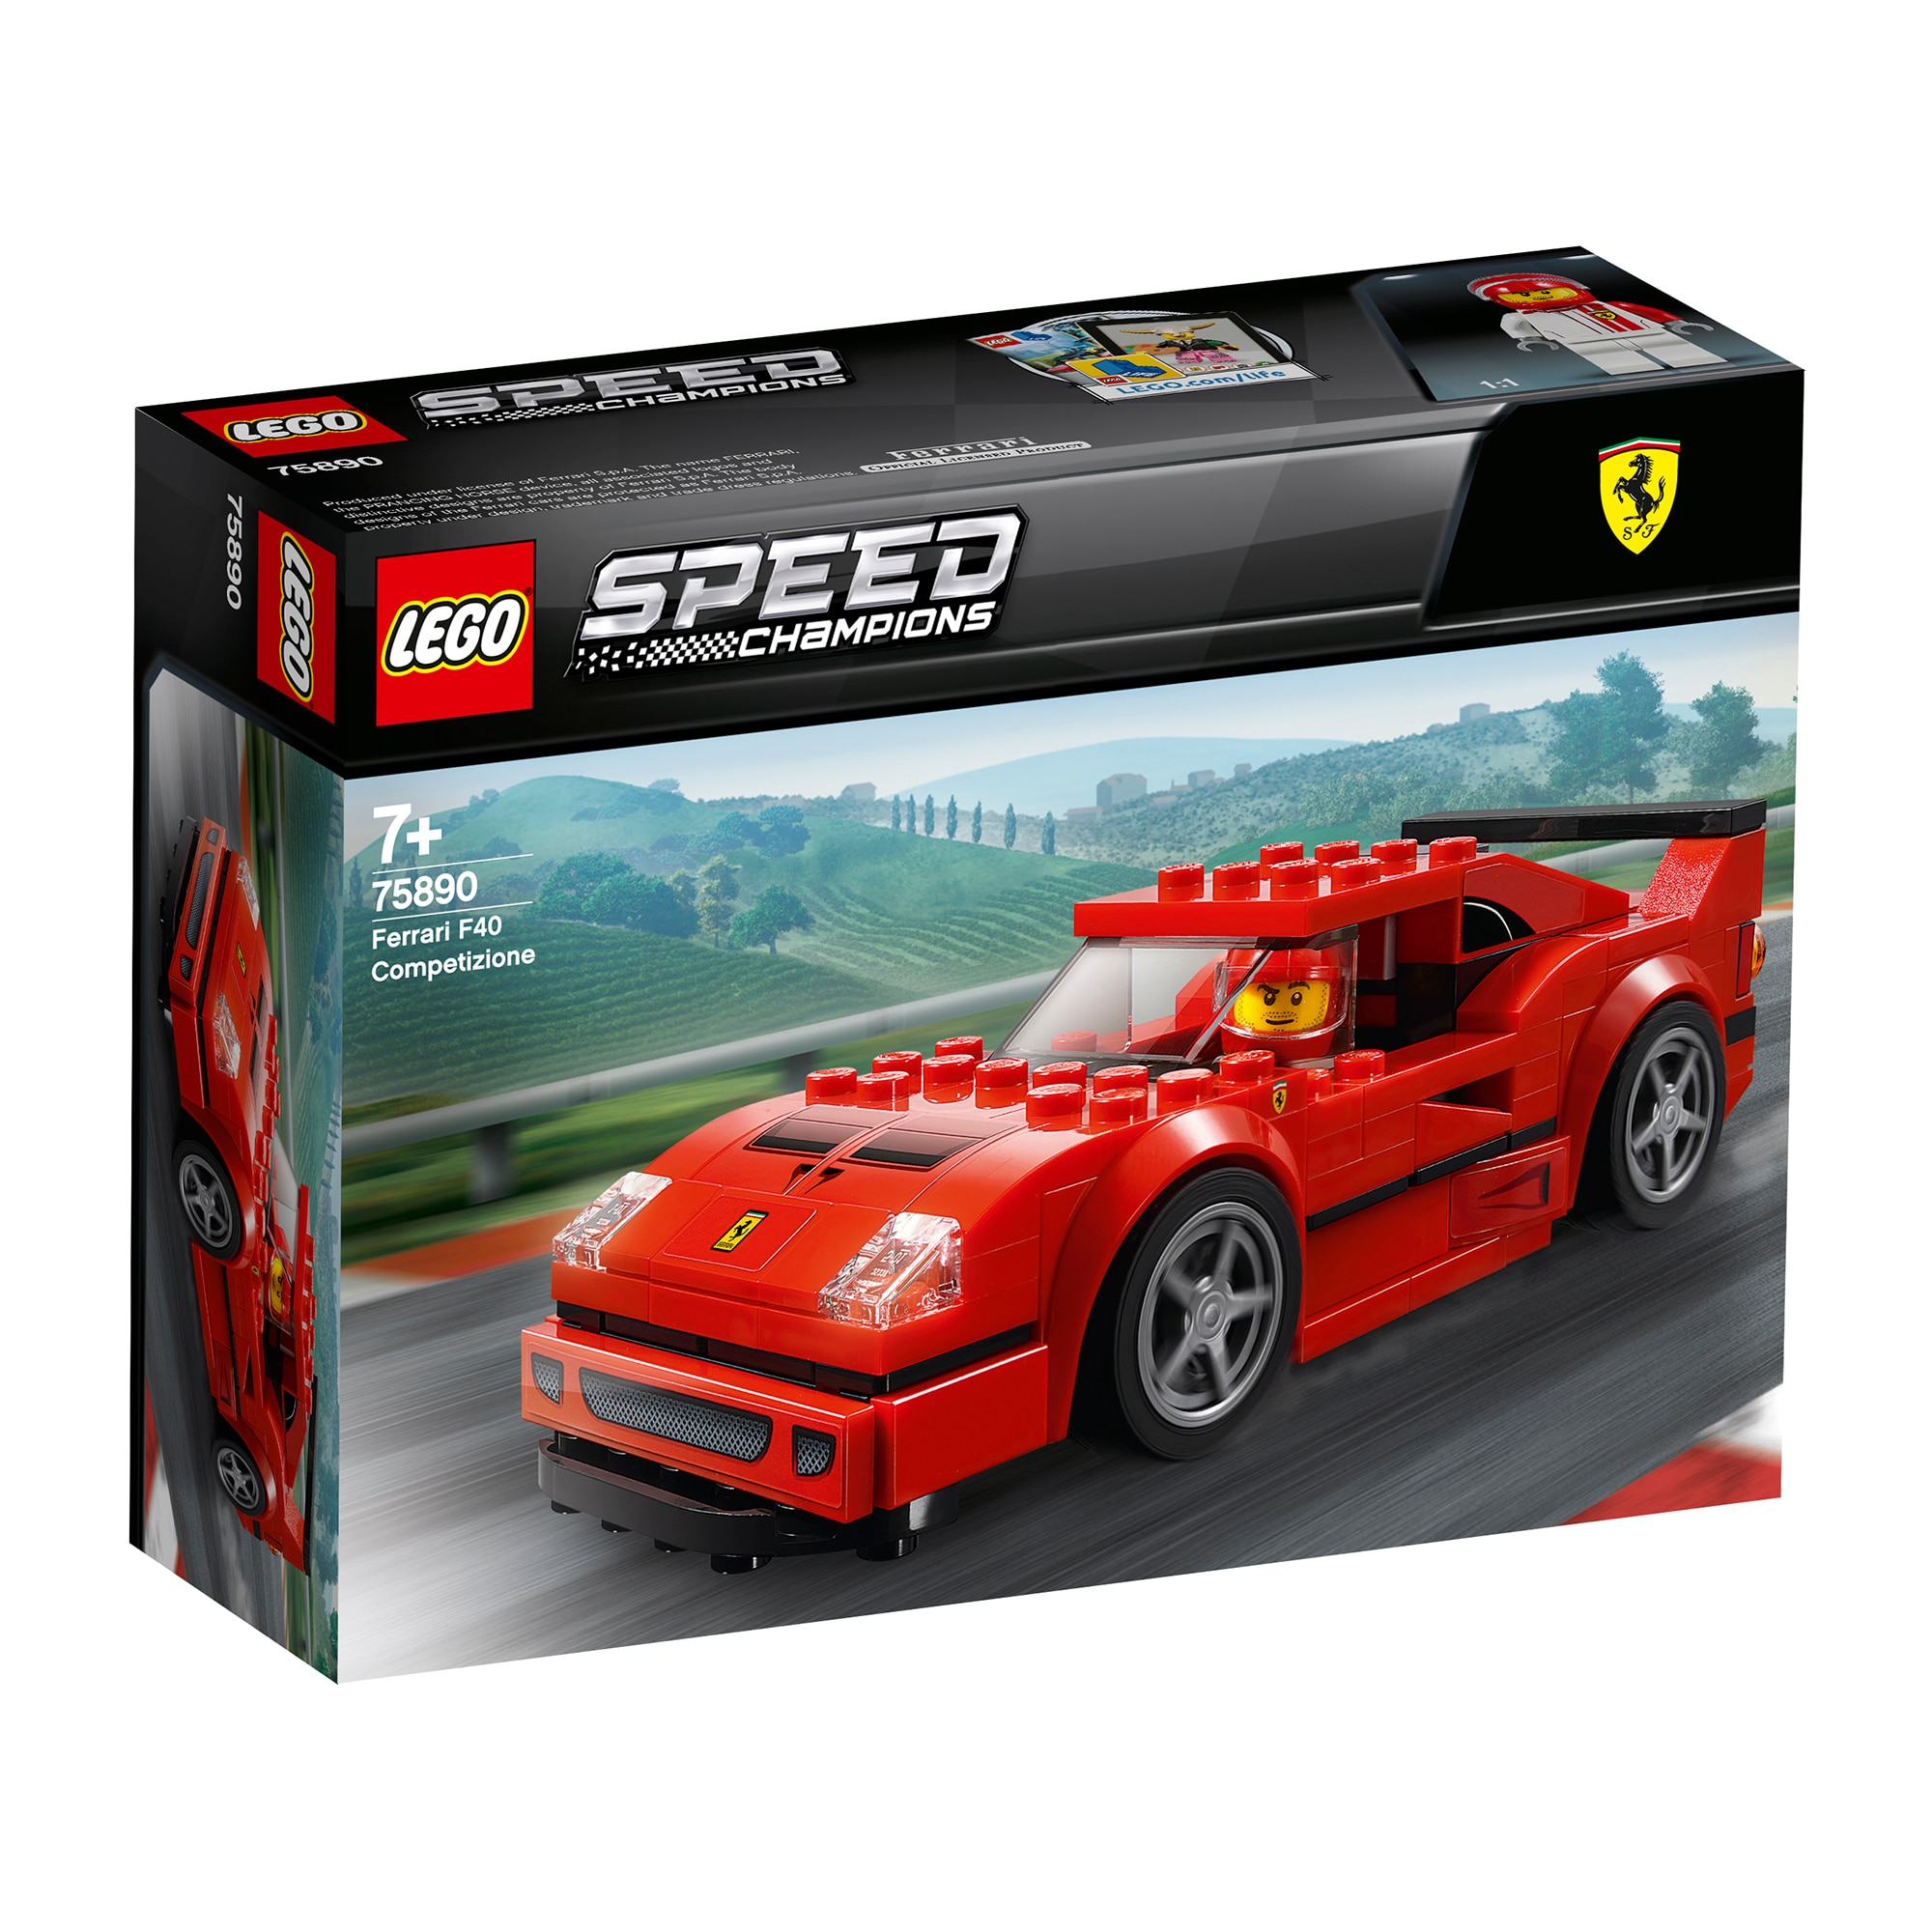 Fotografie LEGO Speed Champions - Ferrari F40 Competizione 75890